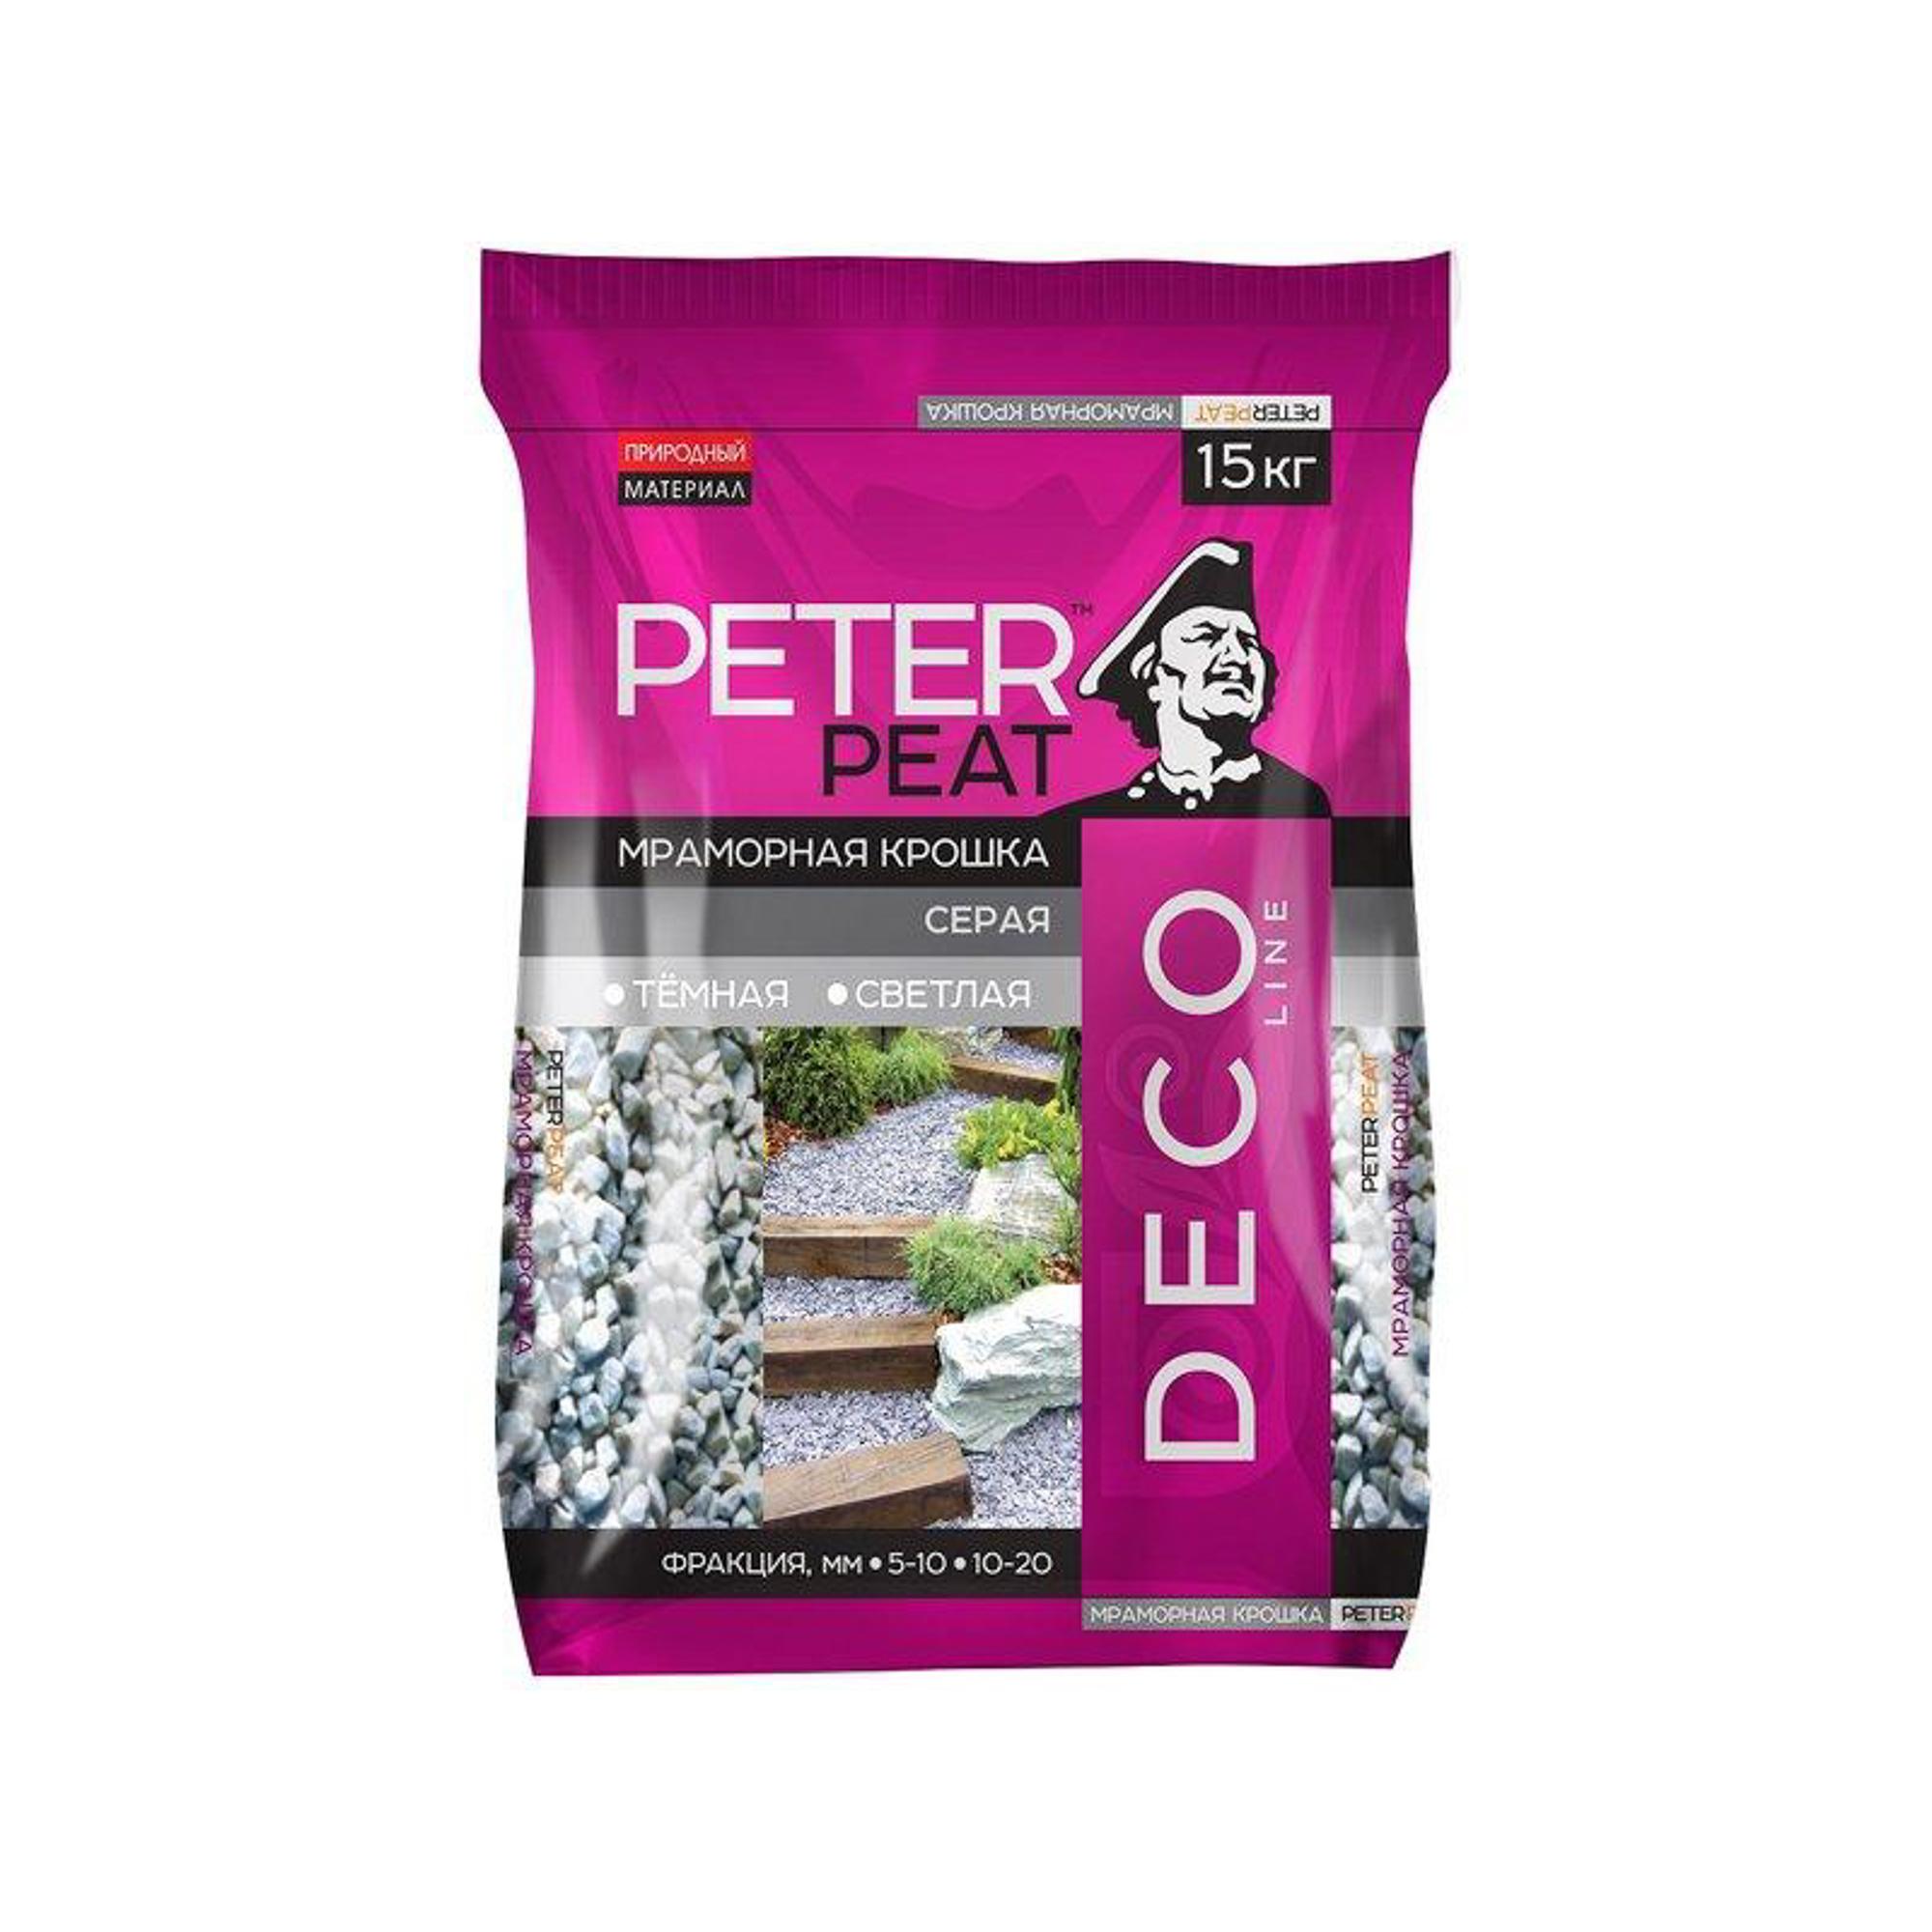 Крошка мраморная светло-серая 15 кг 10-20 мм Peter Peat.